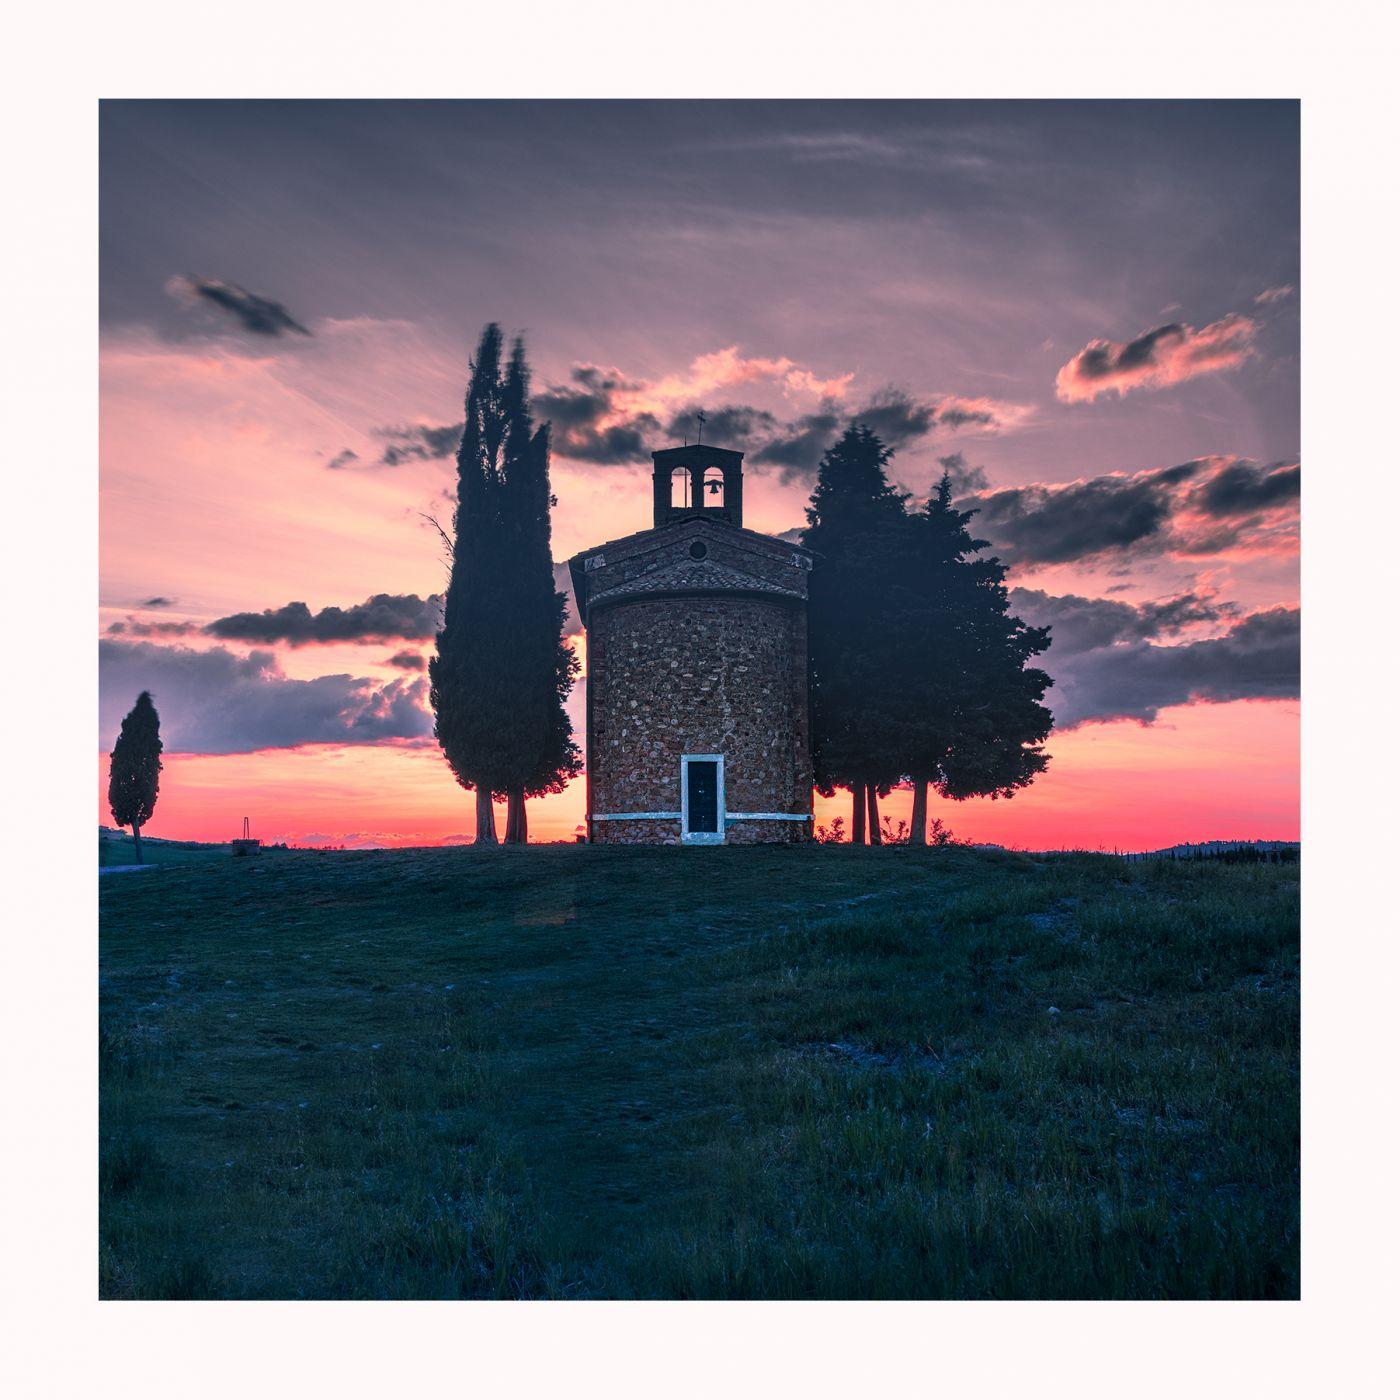 Sunset on Vitaleta, Italy